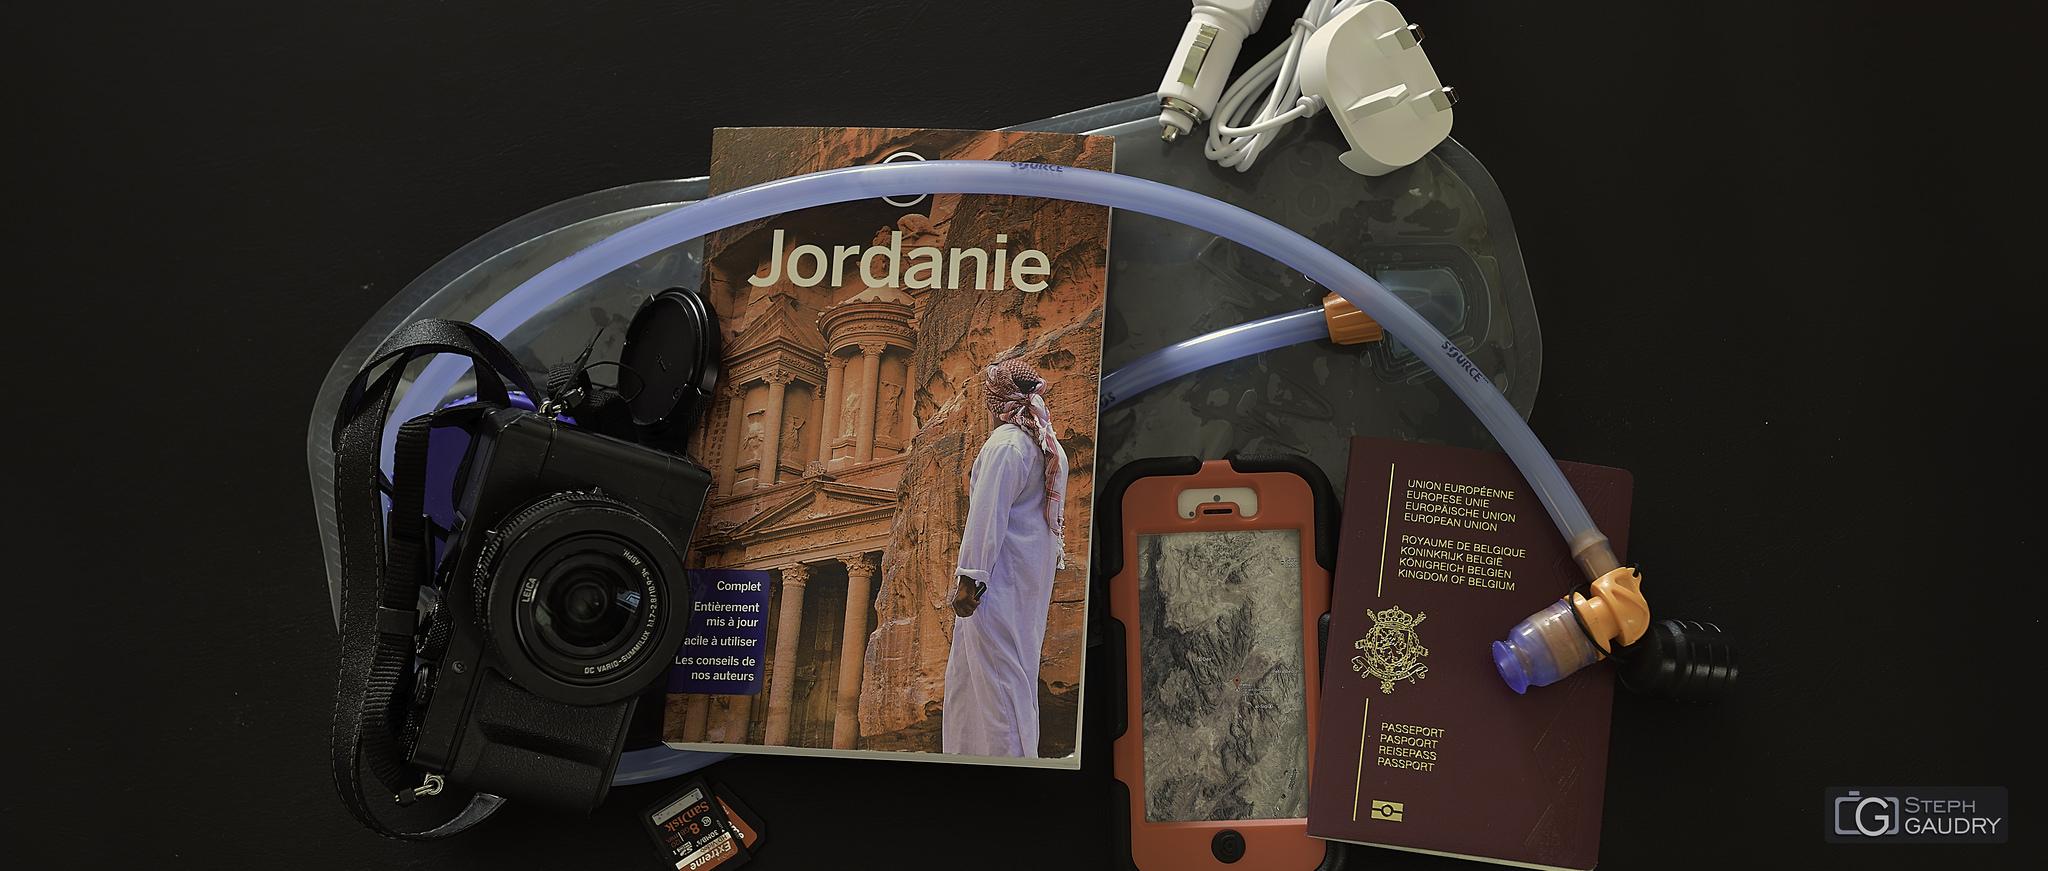 Préparatifs pour le départ vers la Jordanie [Cliquez pour lancer le diaporama]